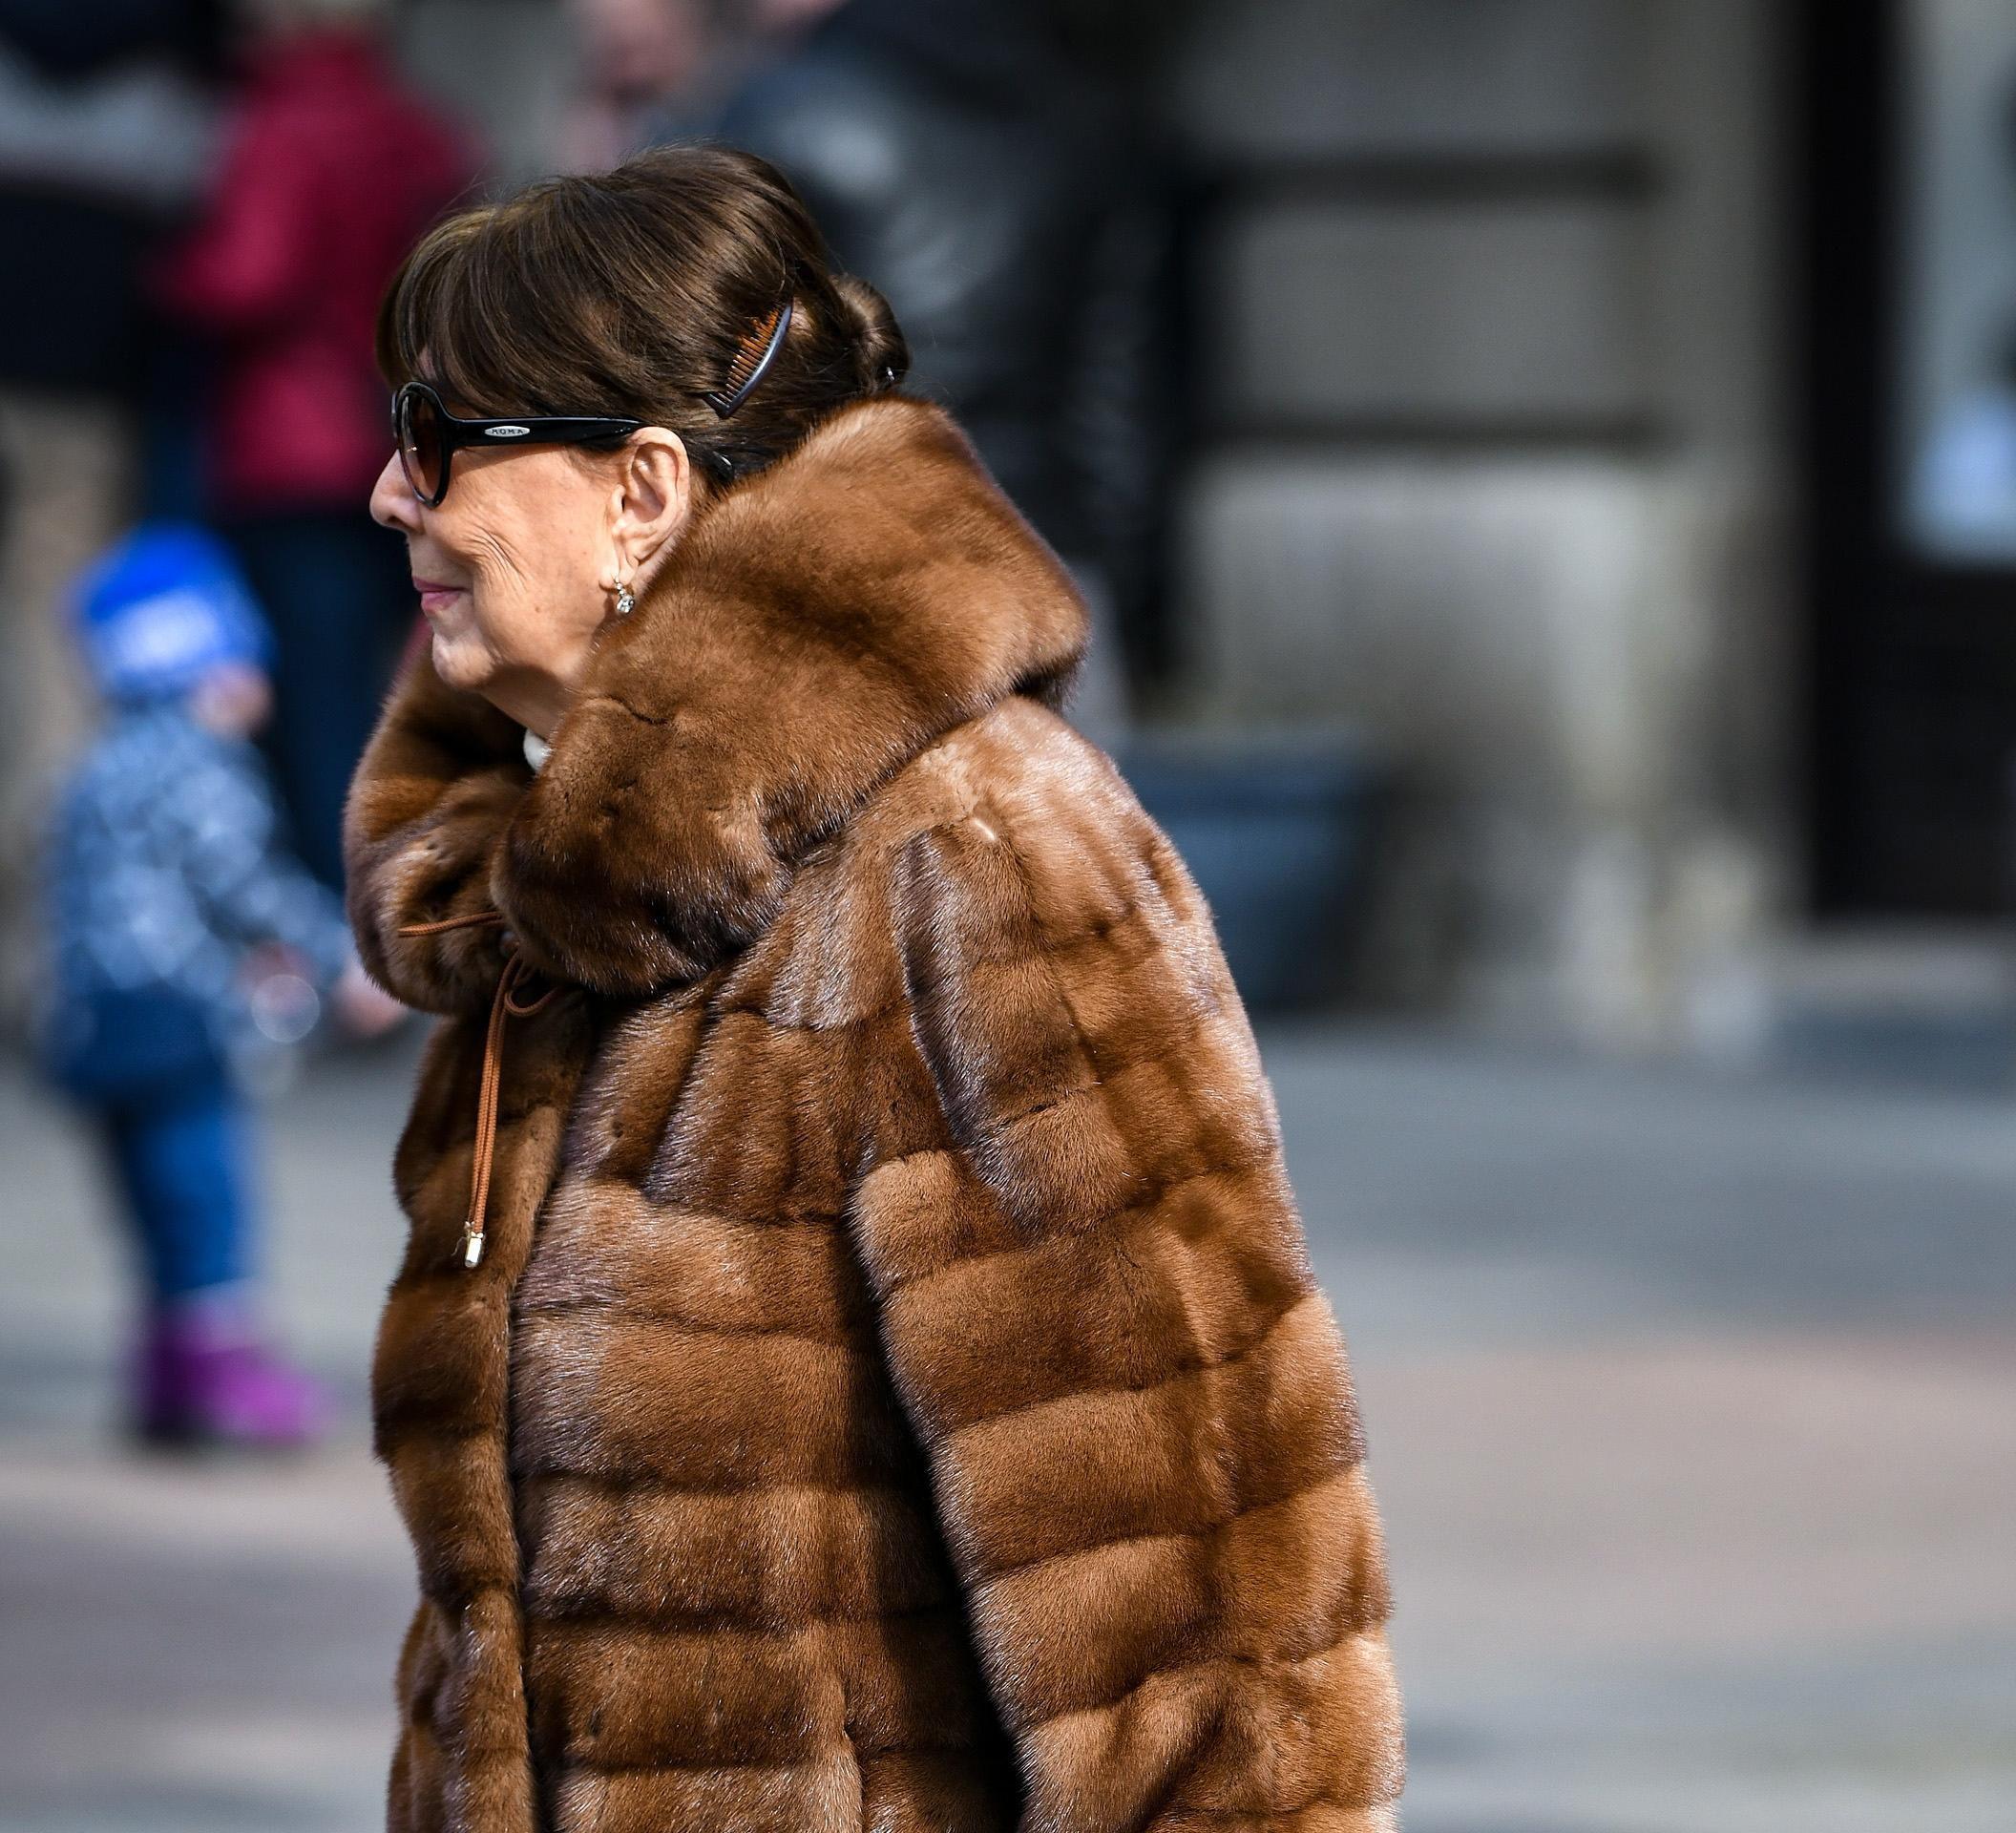 Prava modna inspiracija: Od ove divne, divne dame svi možemo mnogo toga naučiti o modi i stilu!